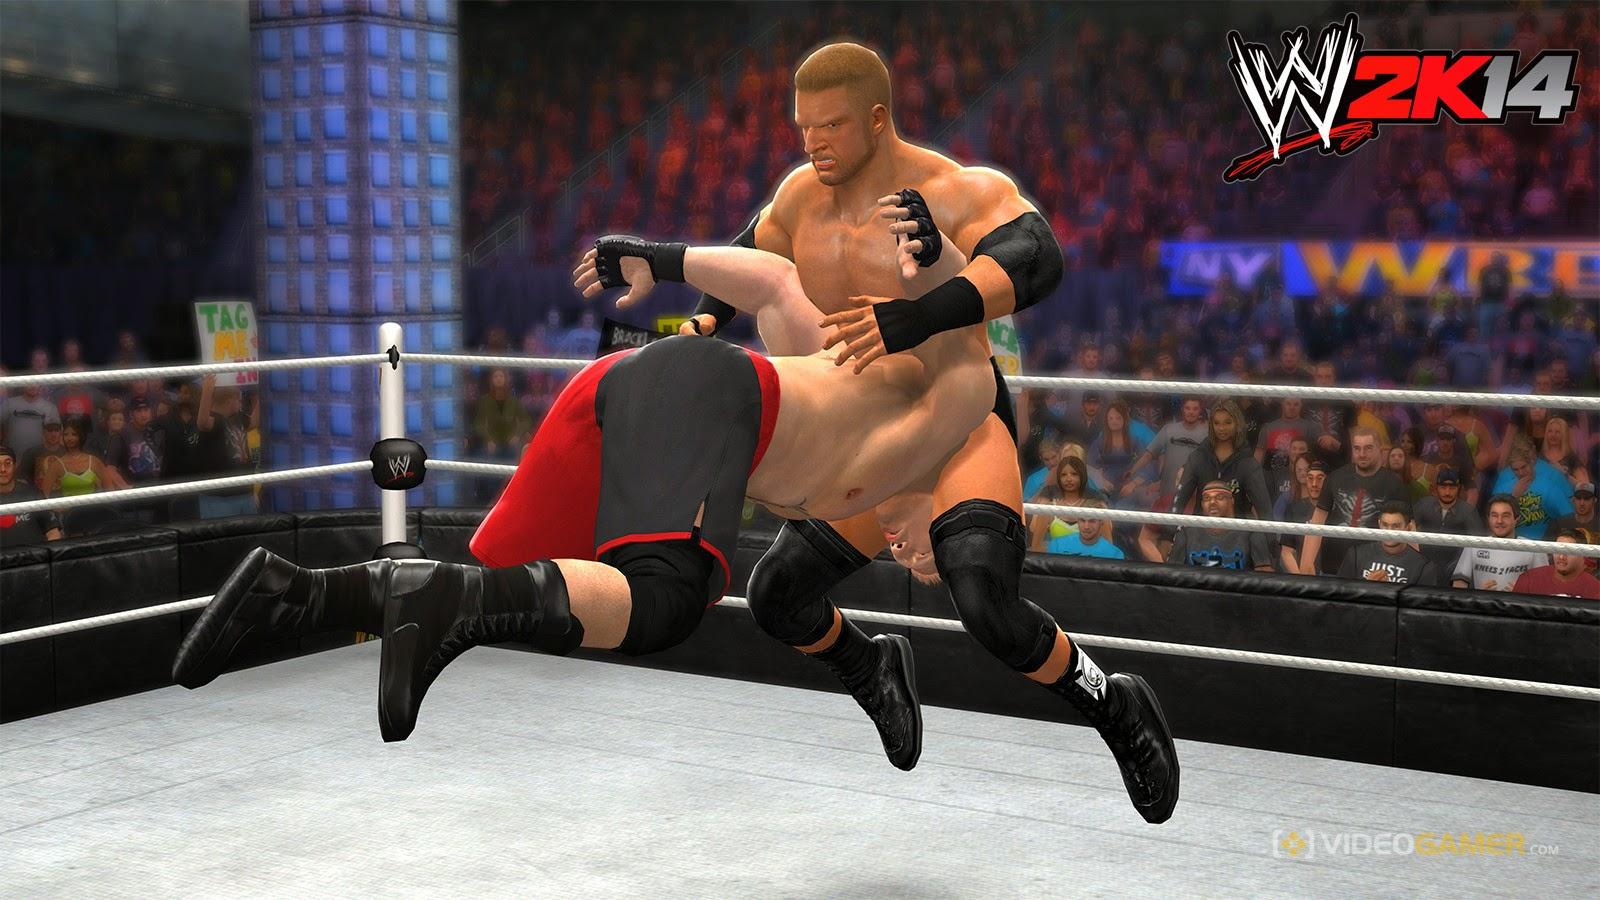 WWE K Triple H